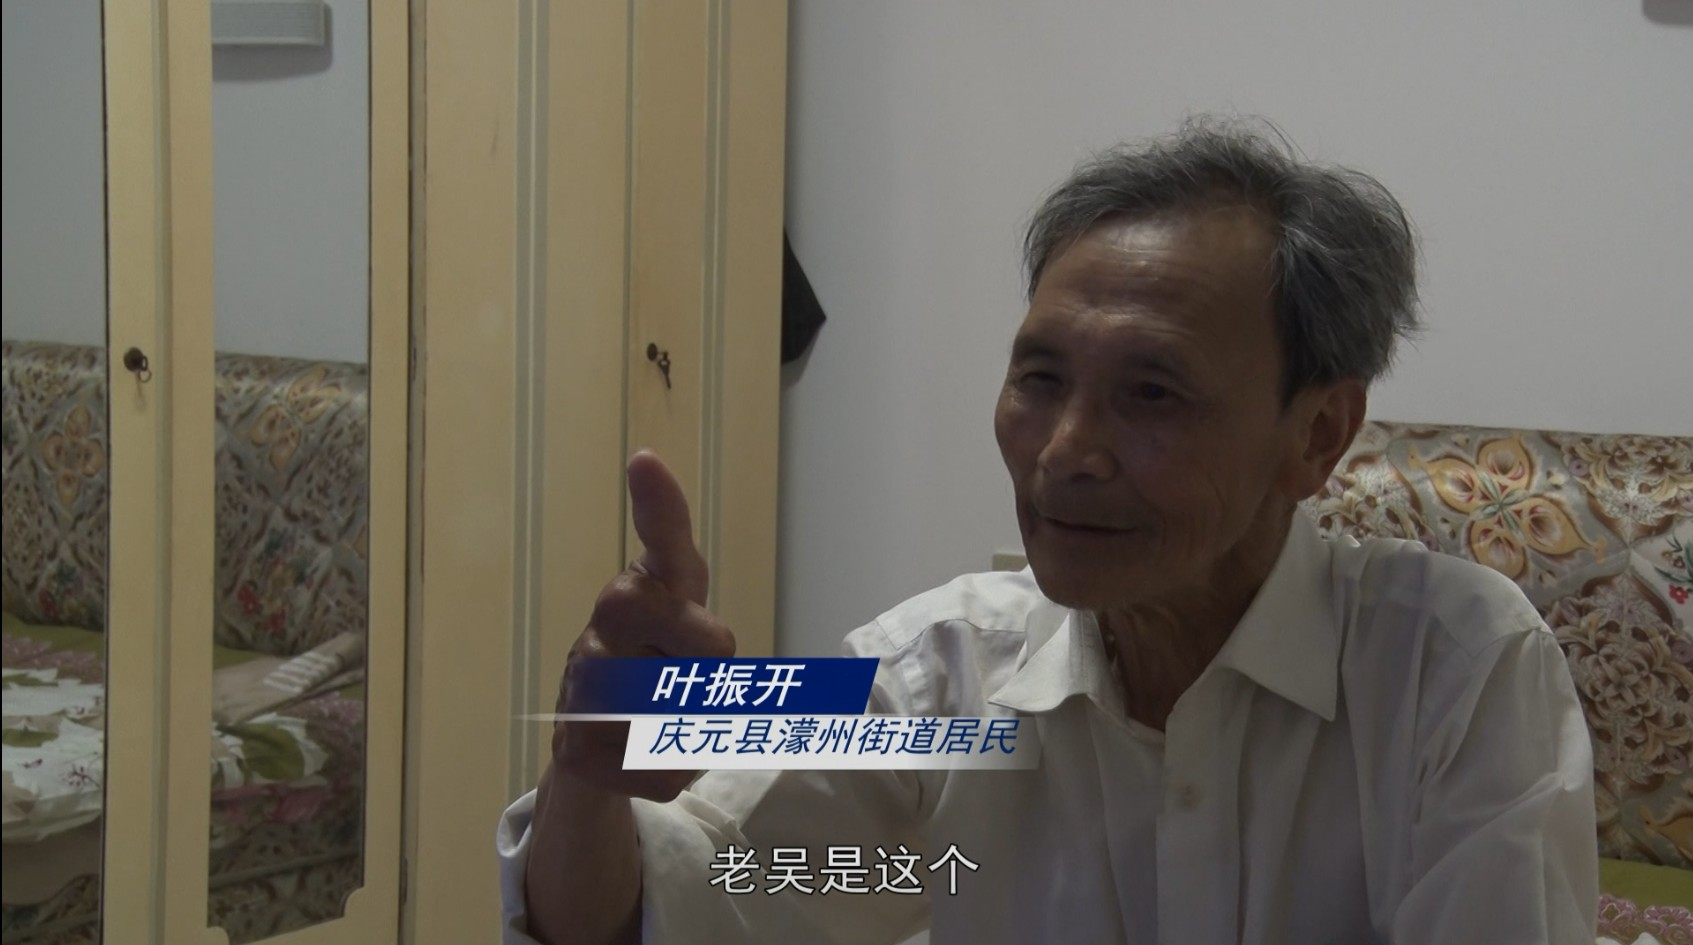 吴强忠—全国司法行政系统二级英雄模范,王昌荣为其竖拇点赞!